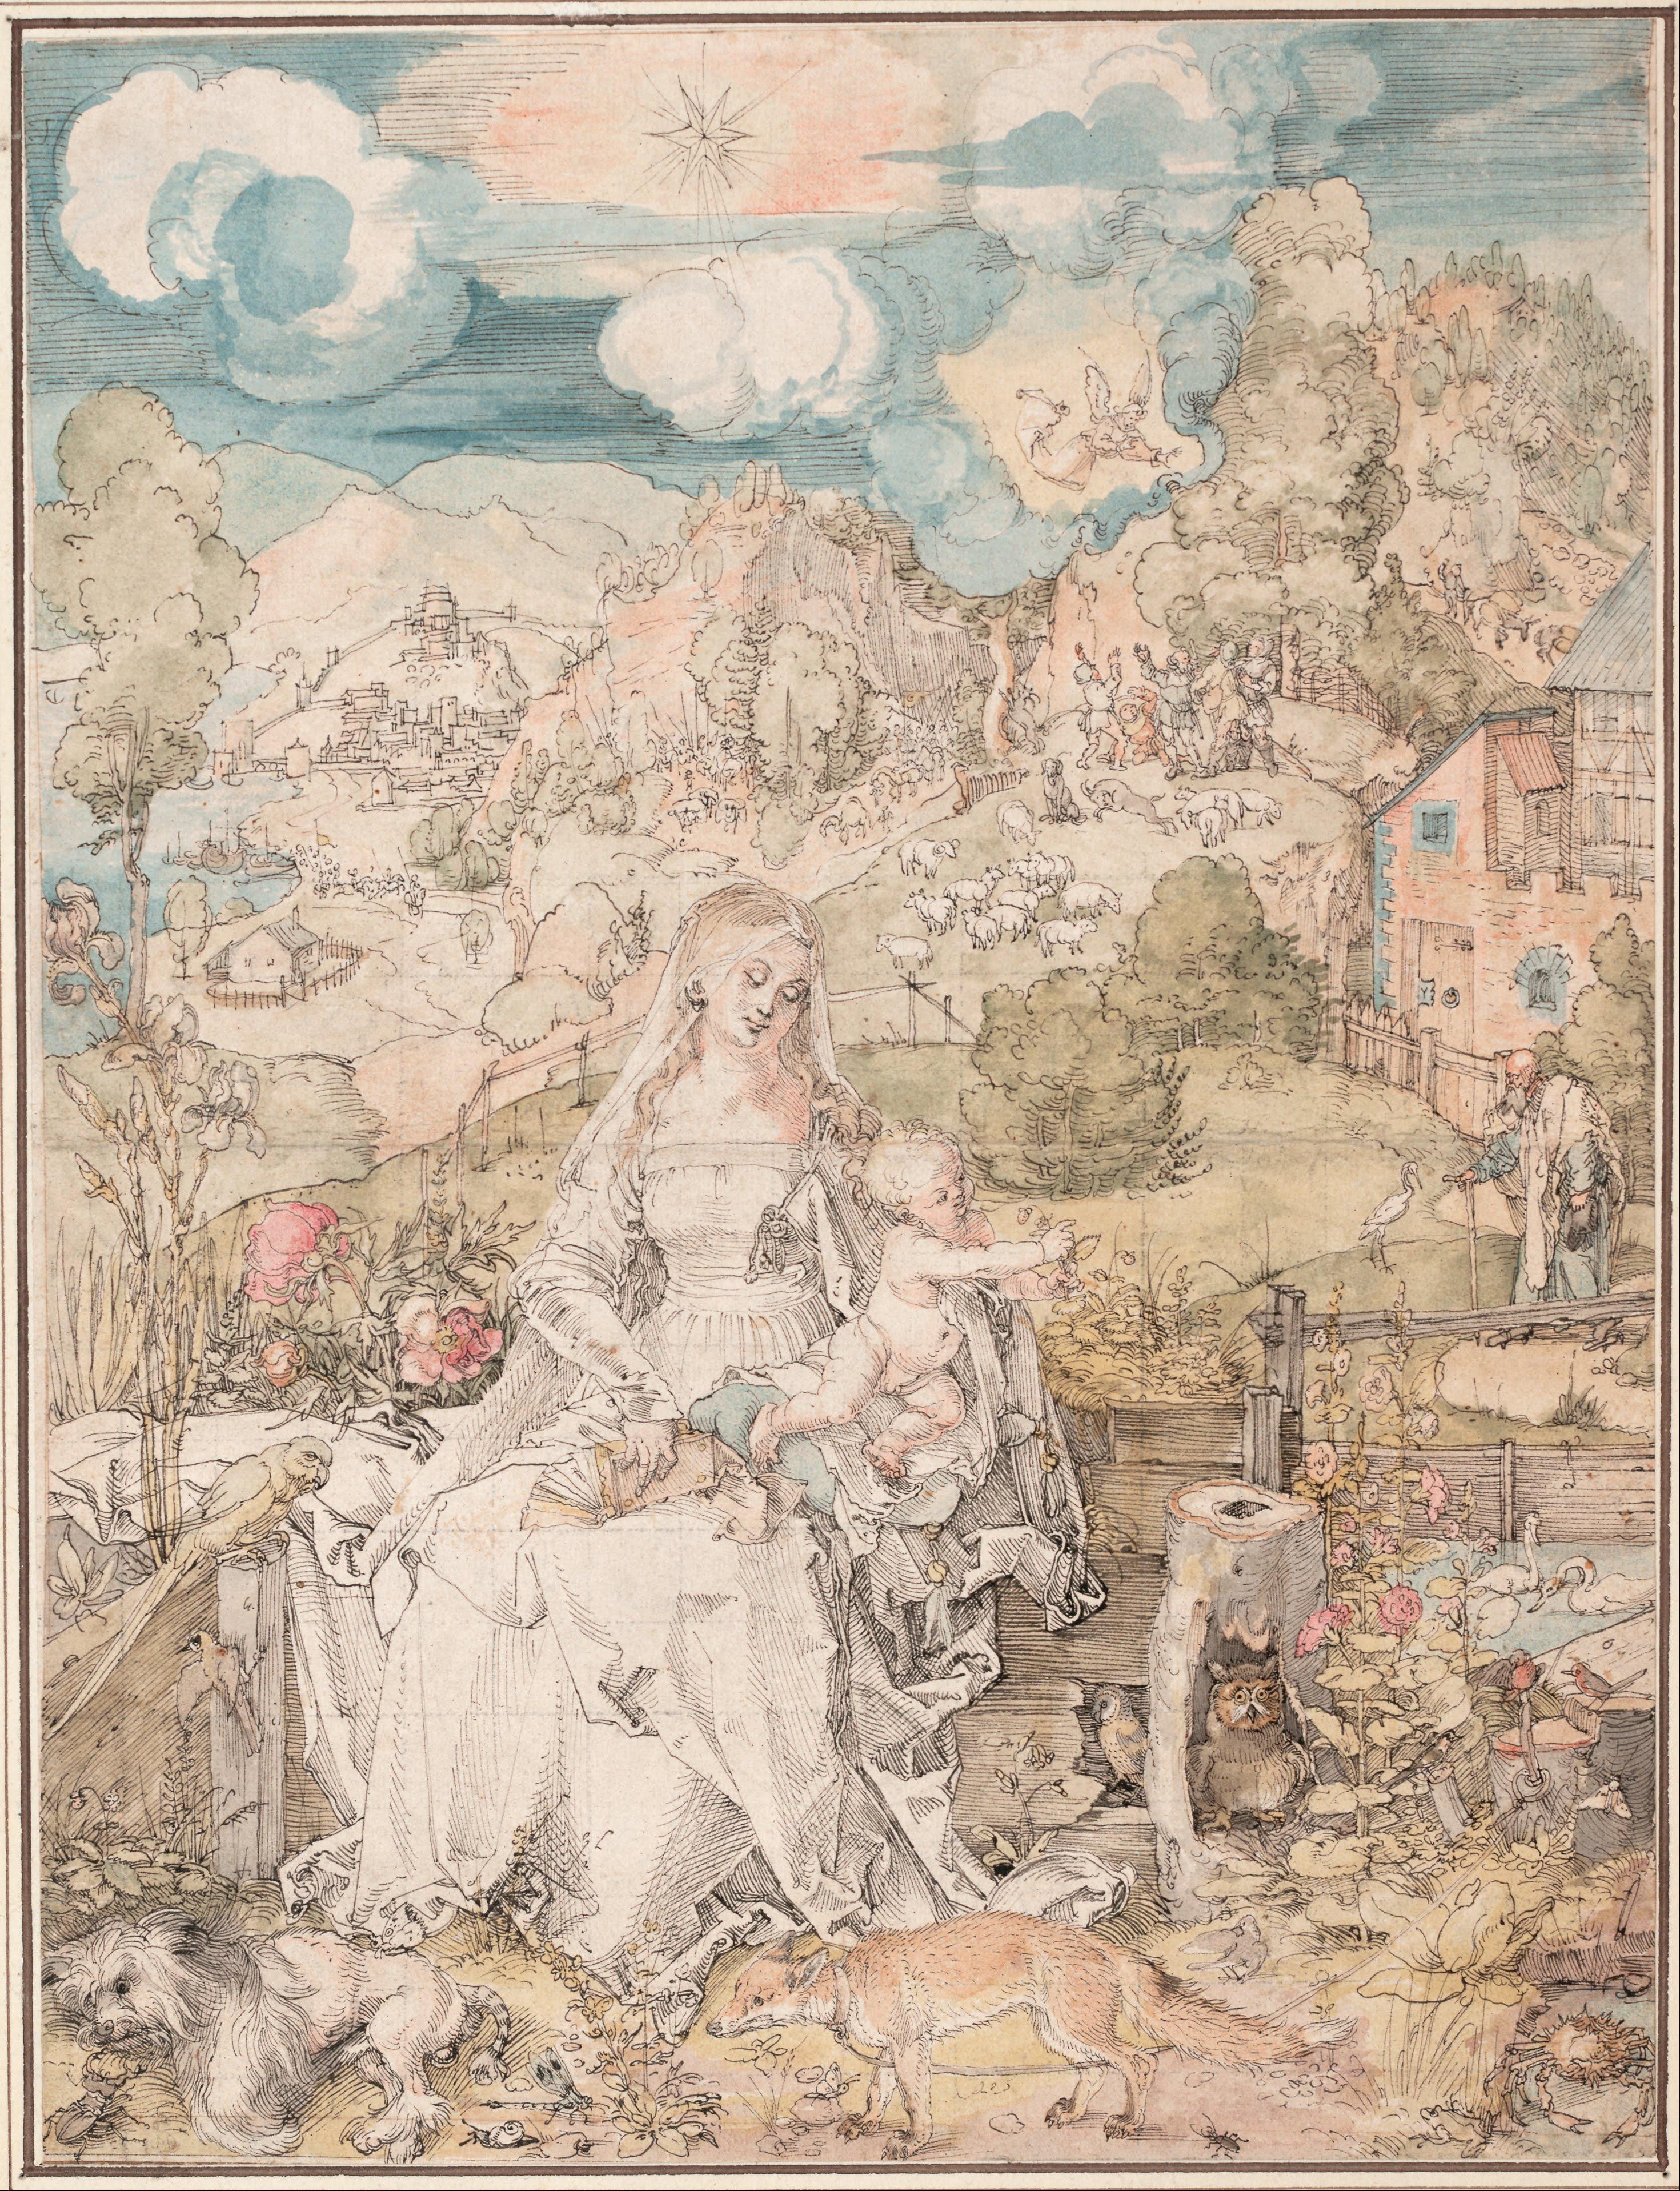 1503 in art